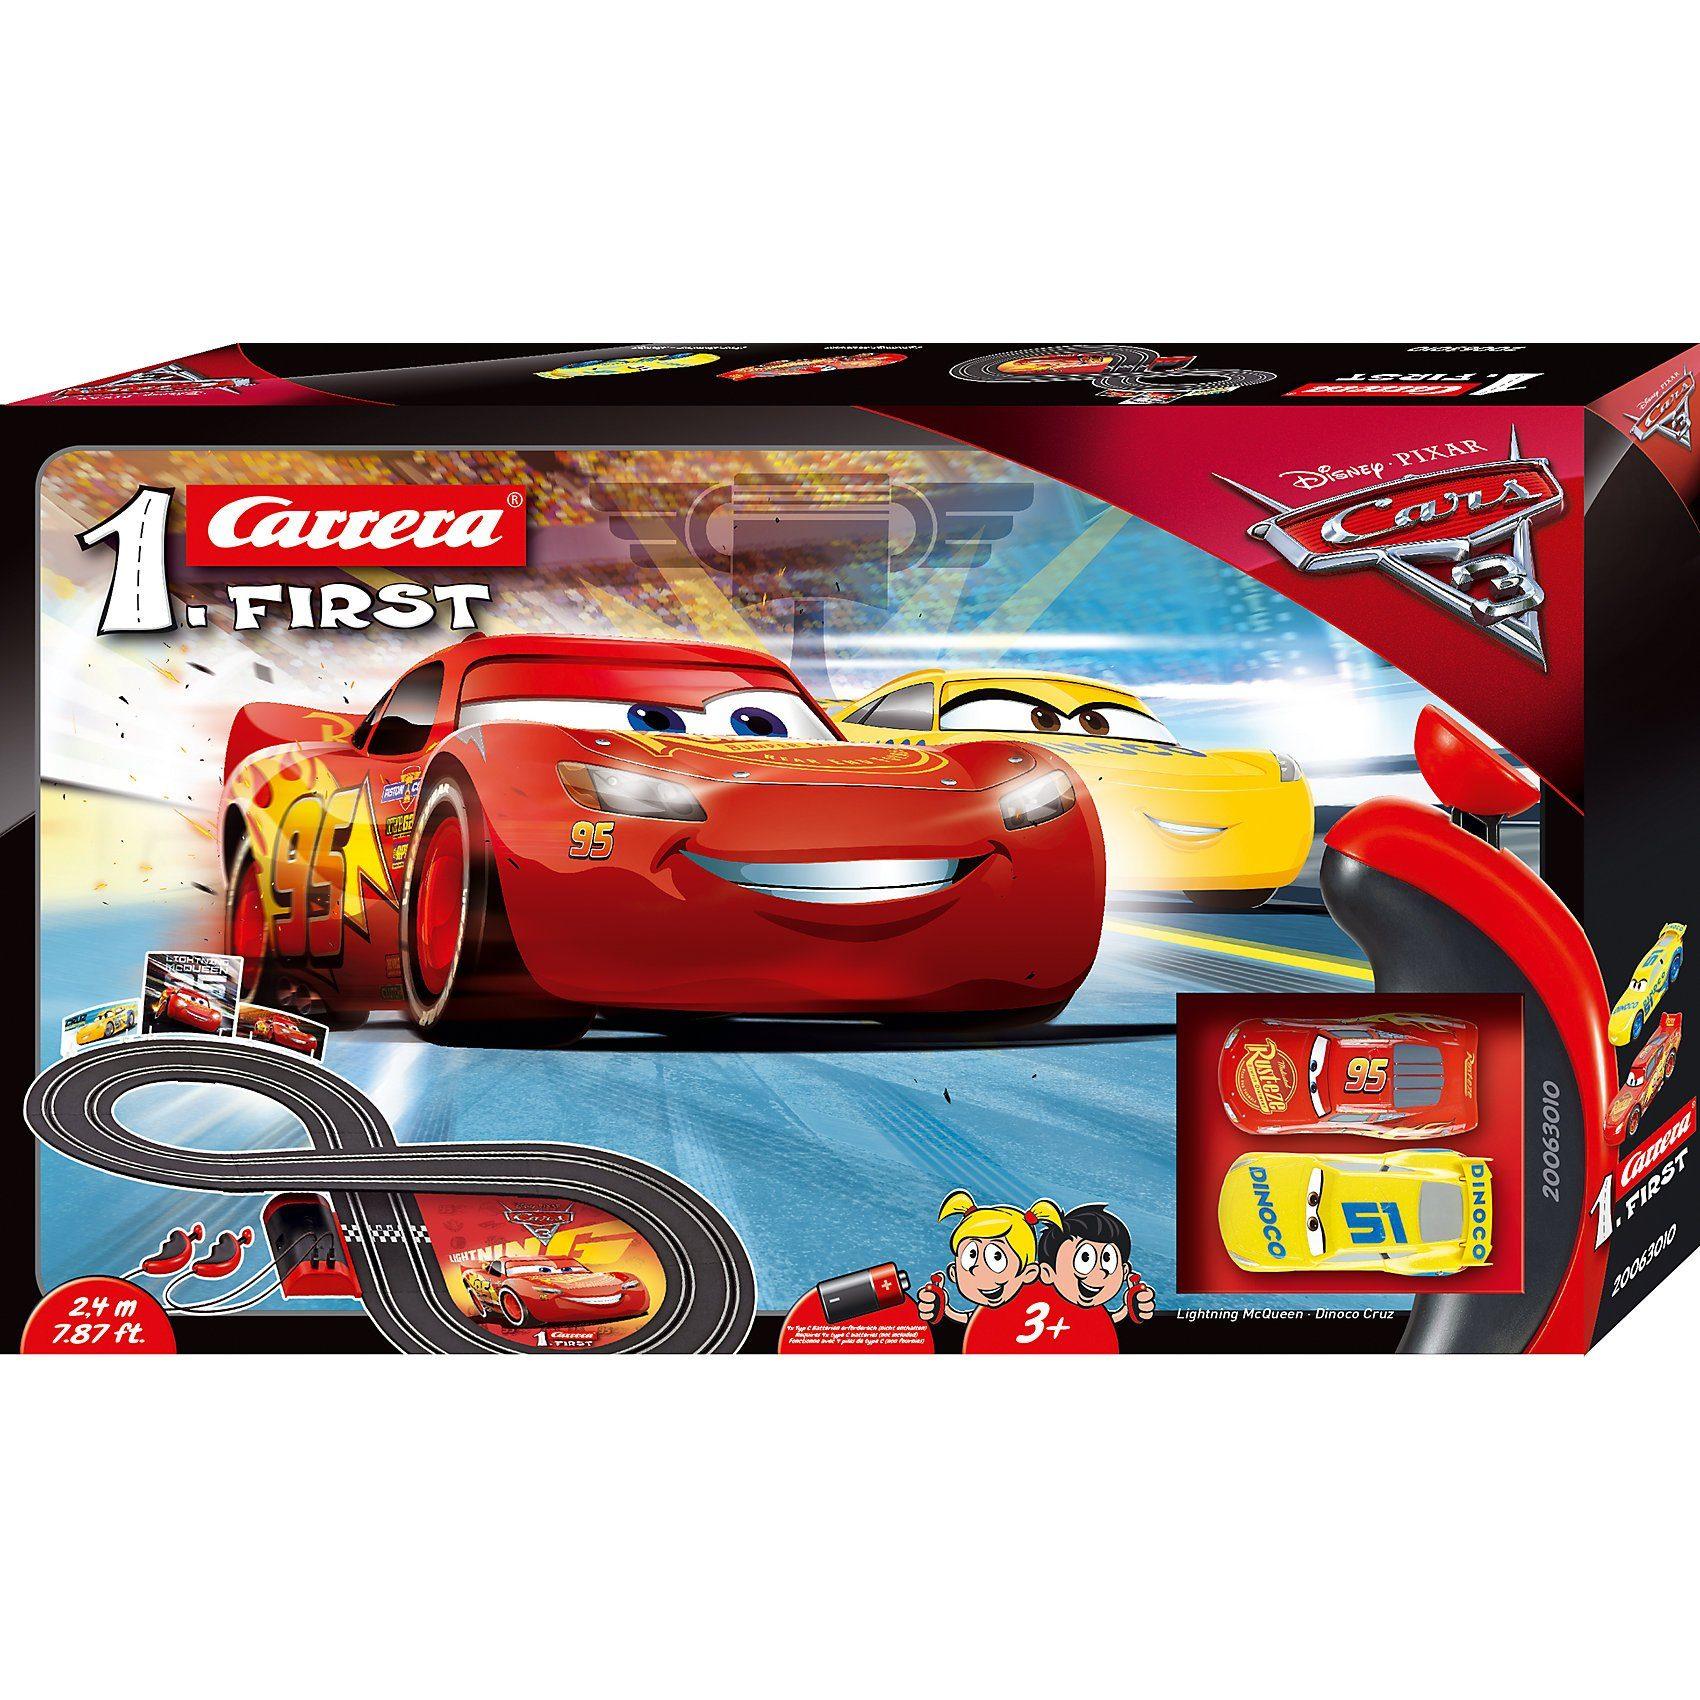 Carrera First - Disney·Pixar Cars 3